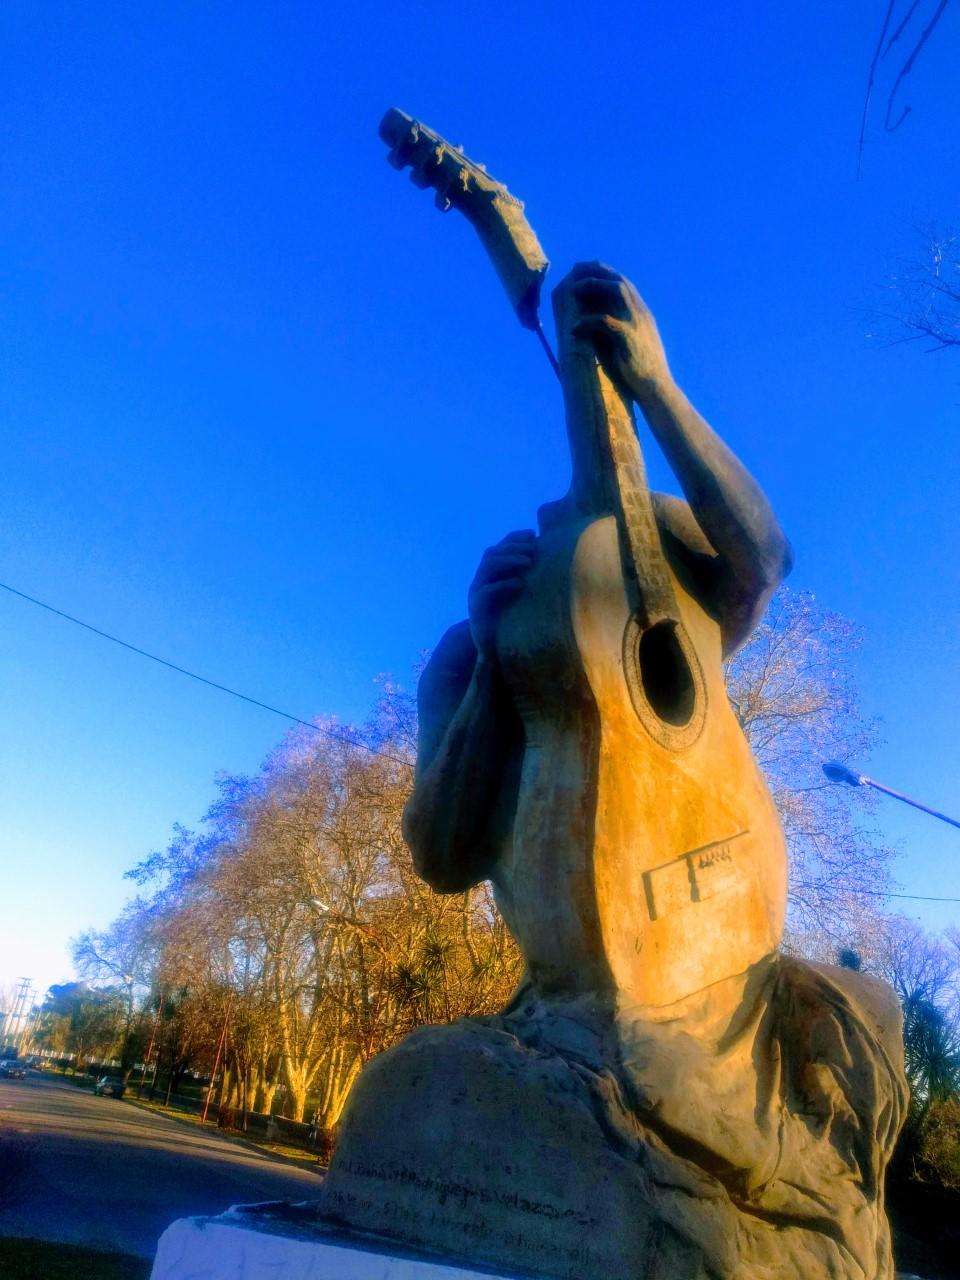 Causan daños al monumento a la guitarra